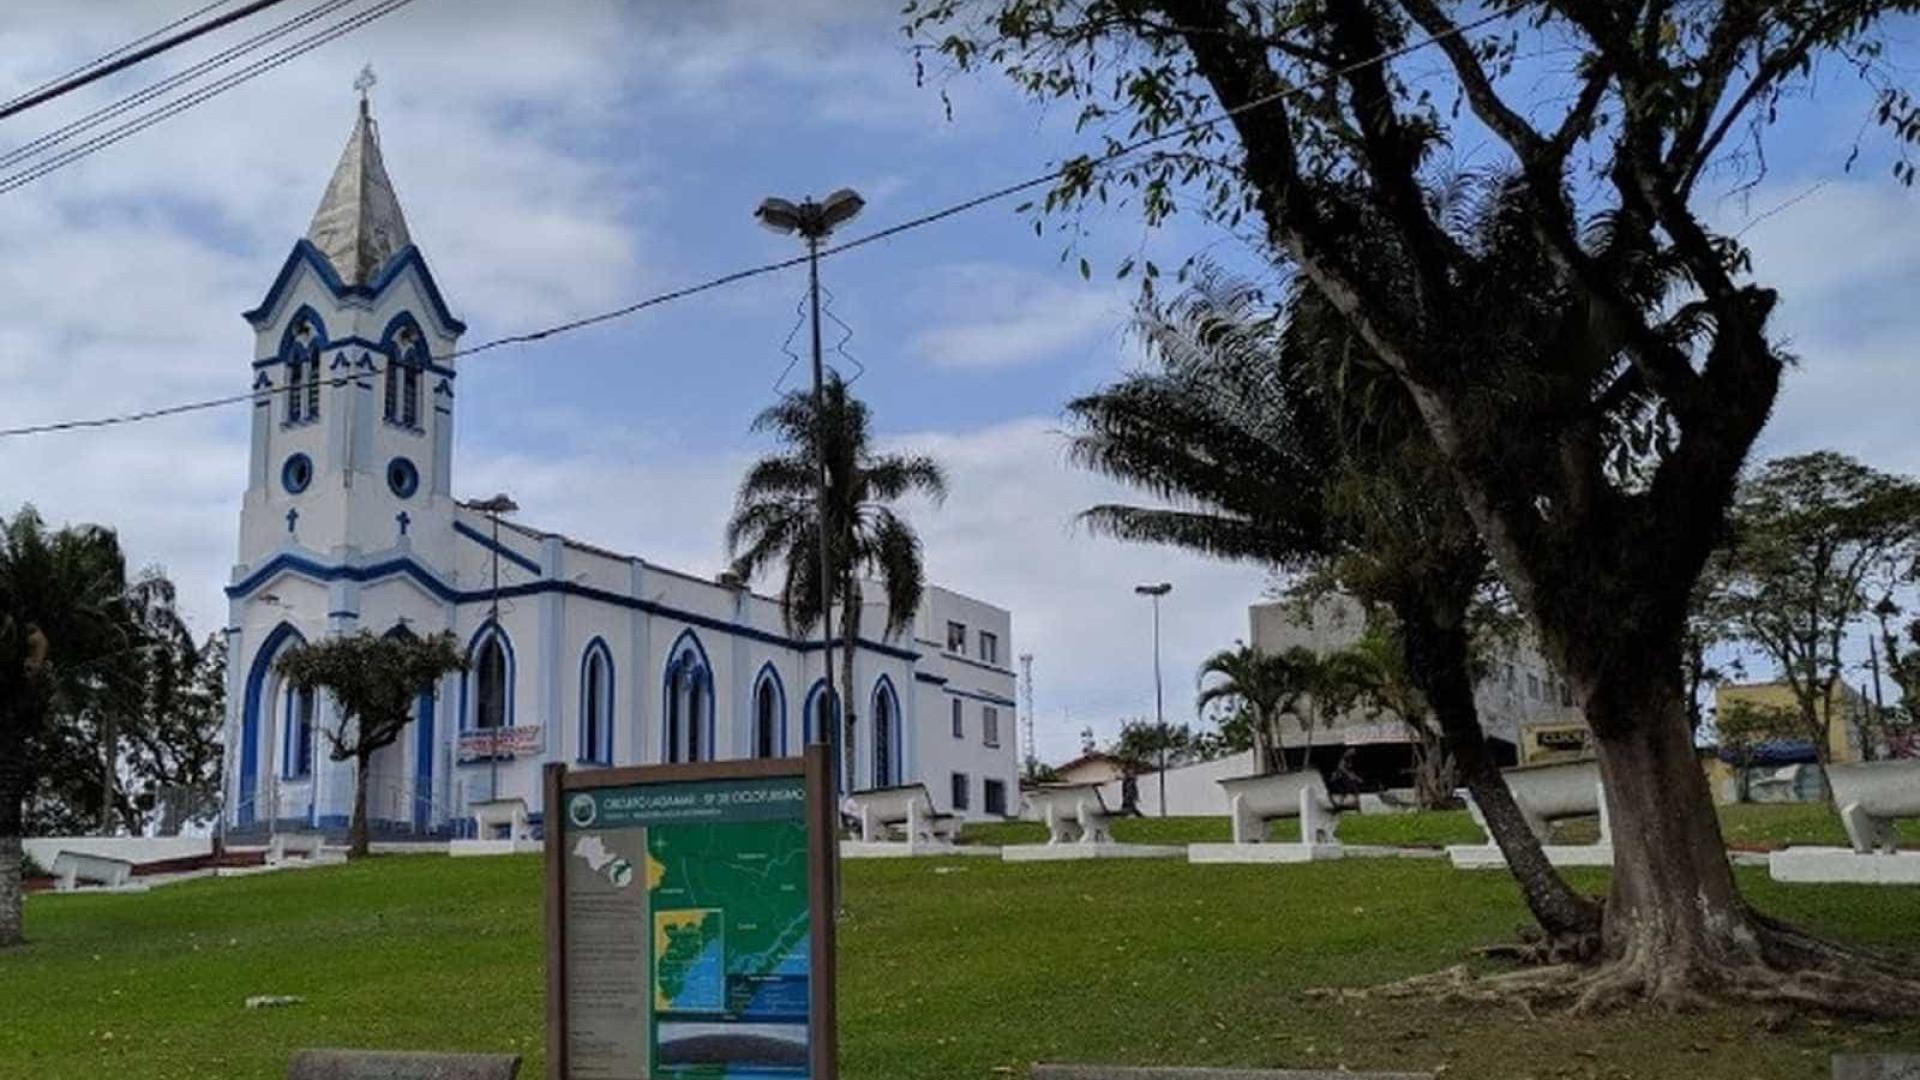 Ladrões roubam dízimo de quatro igrejas no interior de SP